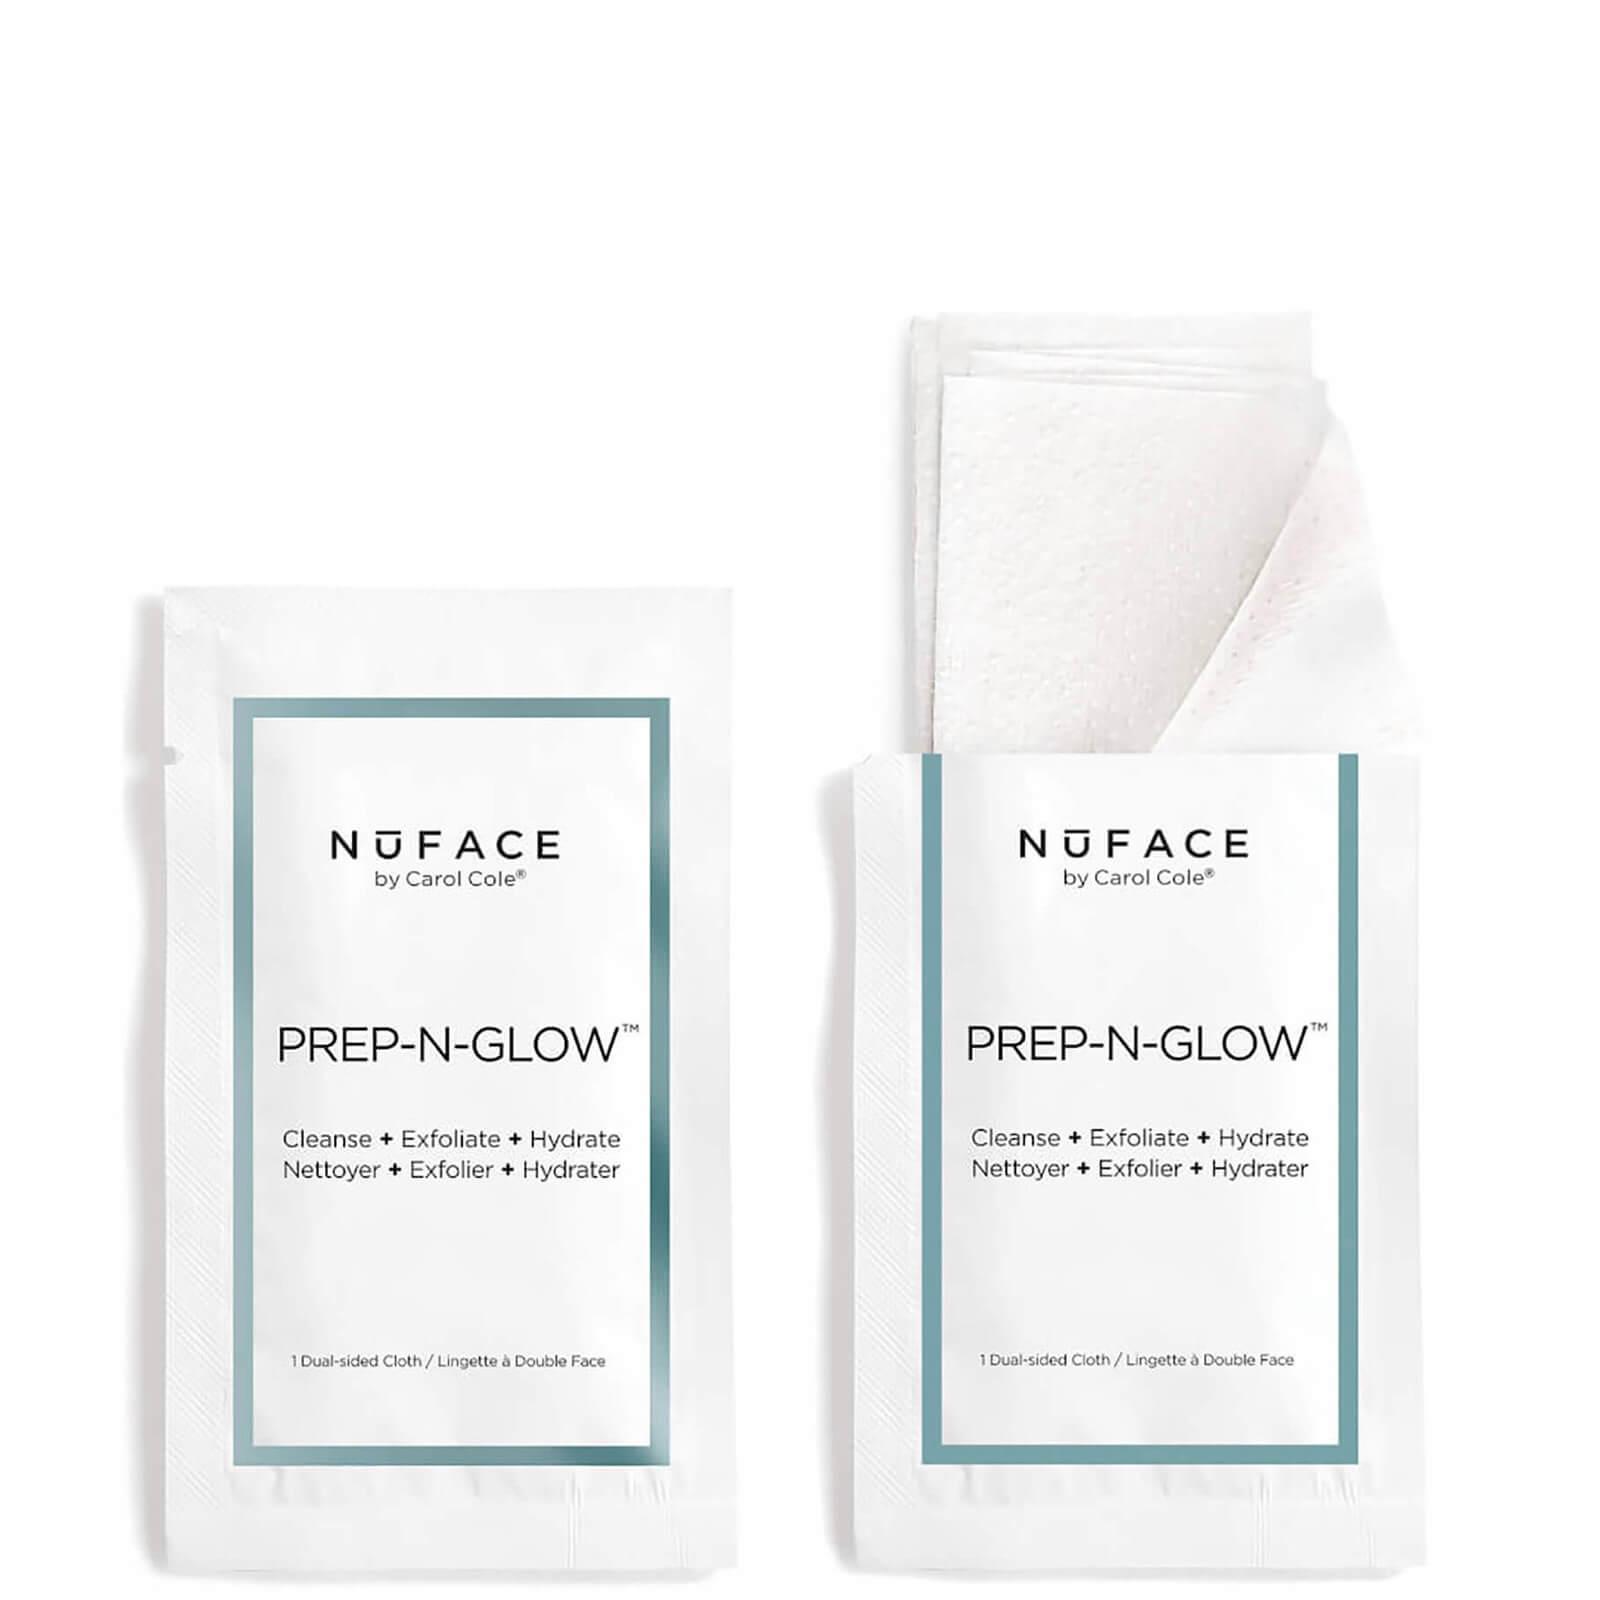 Купить Салфетки для очищения, отшелушивания и увлажнения кожи NuFACE Prep-N-Glow Cloths